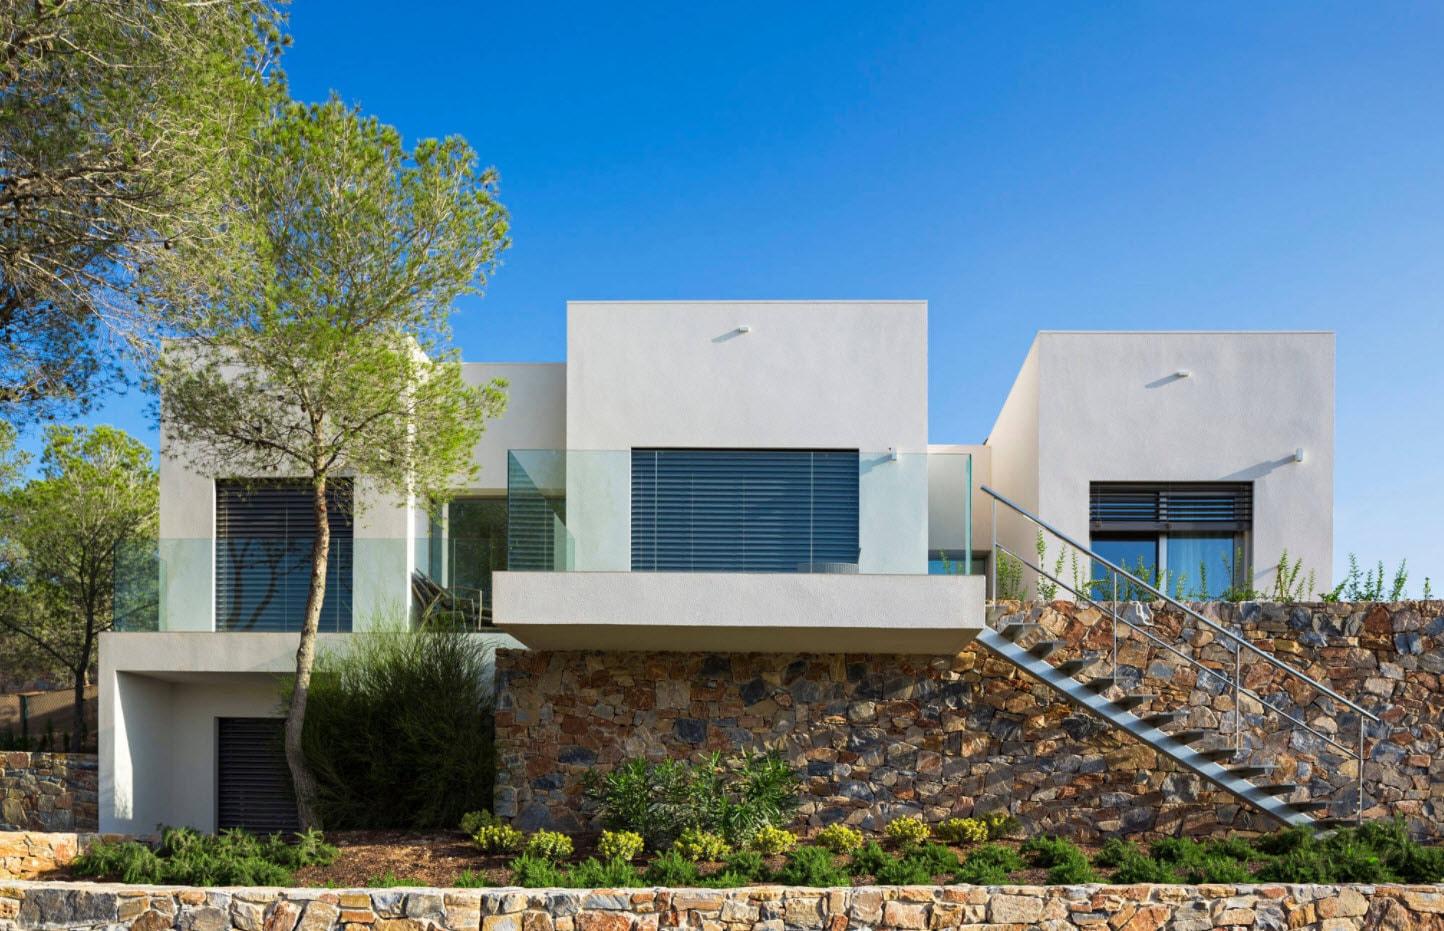 необычная постройка дома с плоской крышей и гаражом